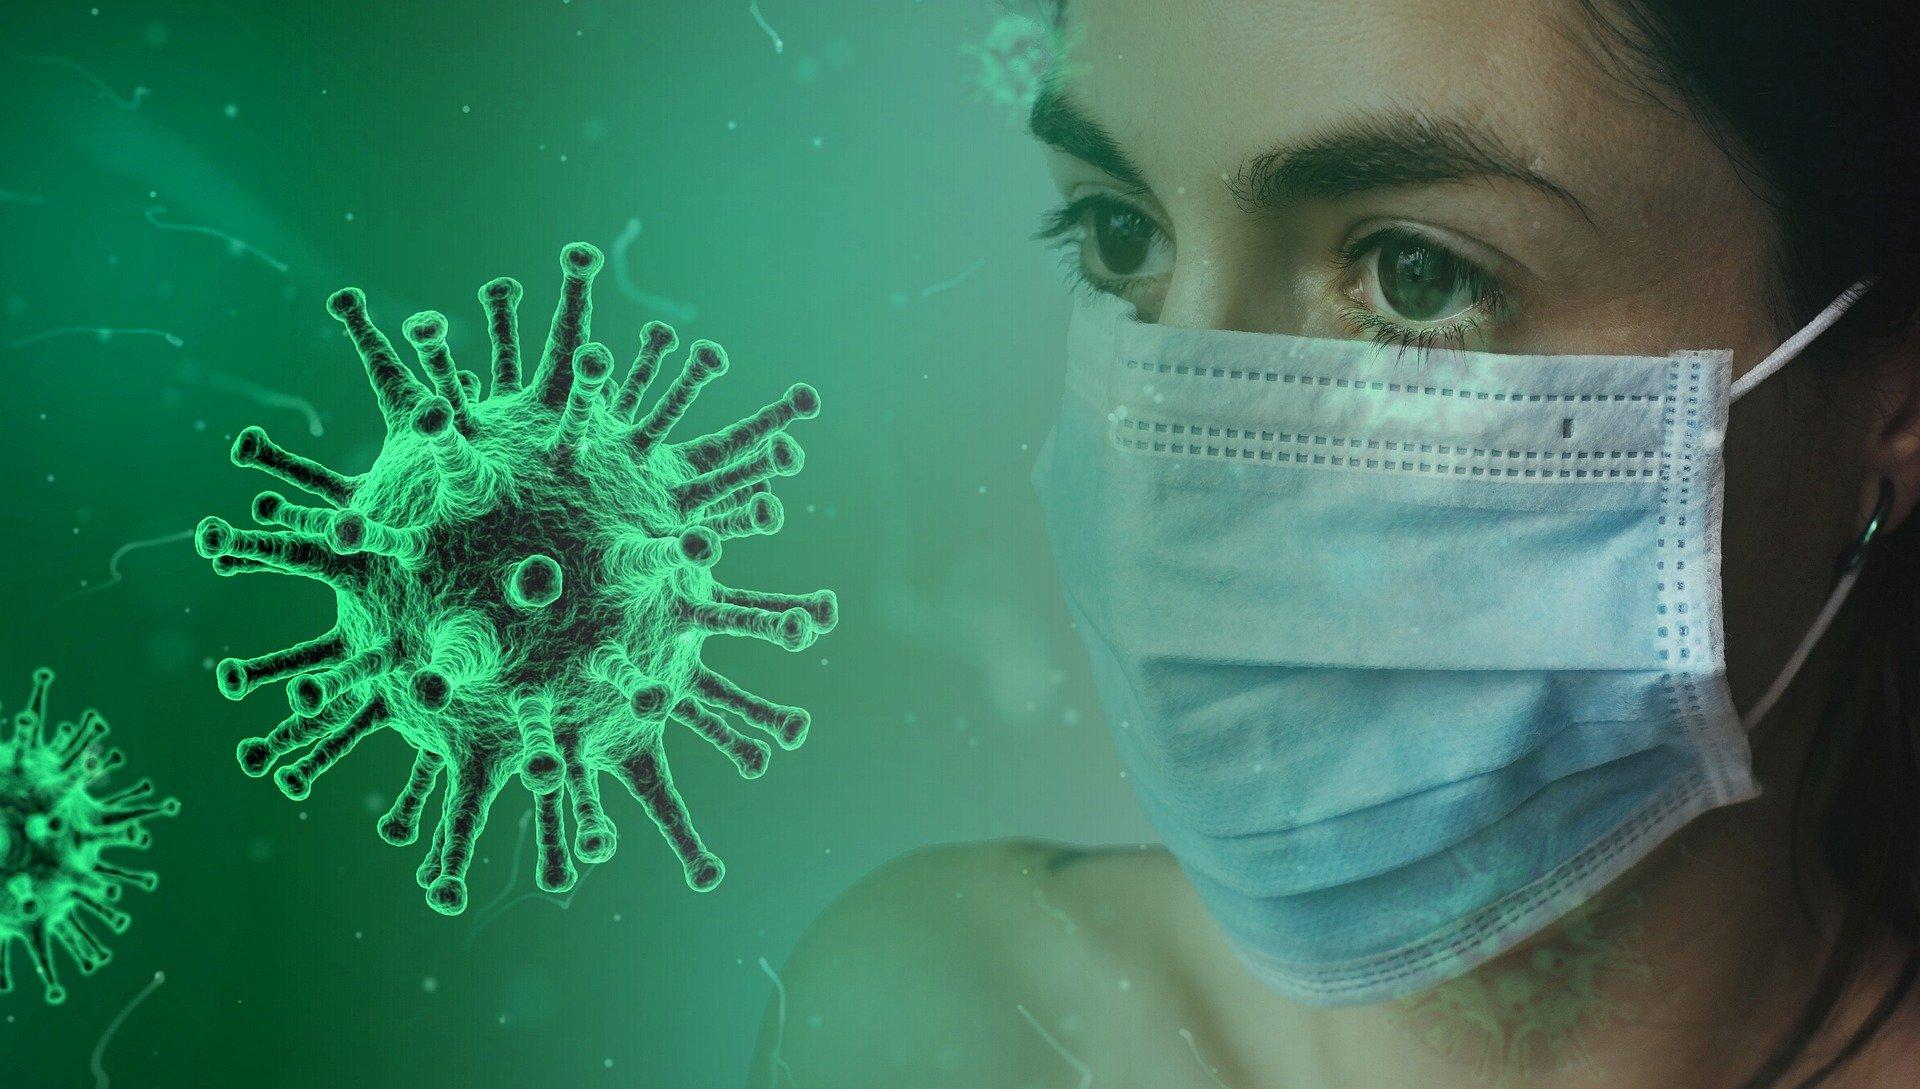 Un nou val de decese provocate de coronavirus, anunțat în această după amiază